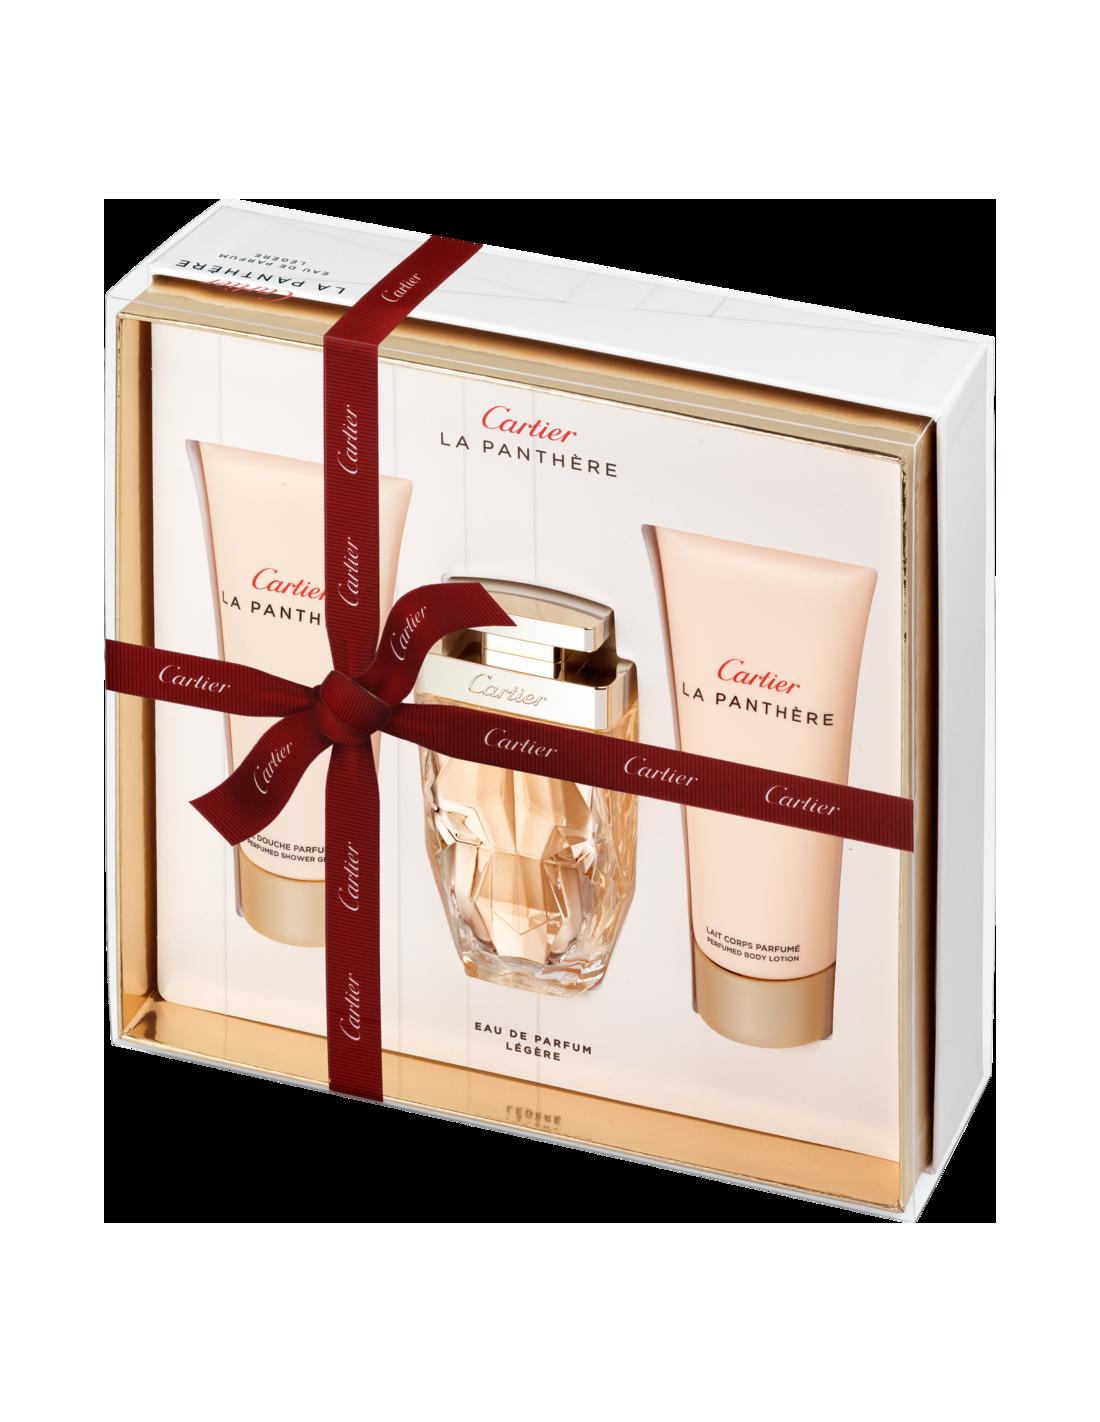 ab2364c3a17 Coffret La Panthére Eau de Parfum Légère 75 ml + Shower Gel 100 ml + Body